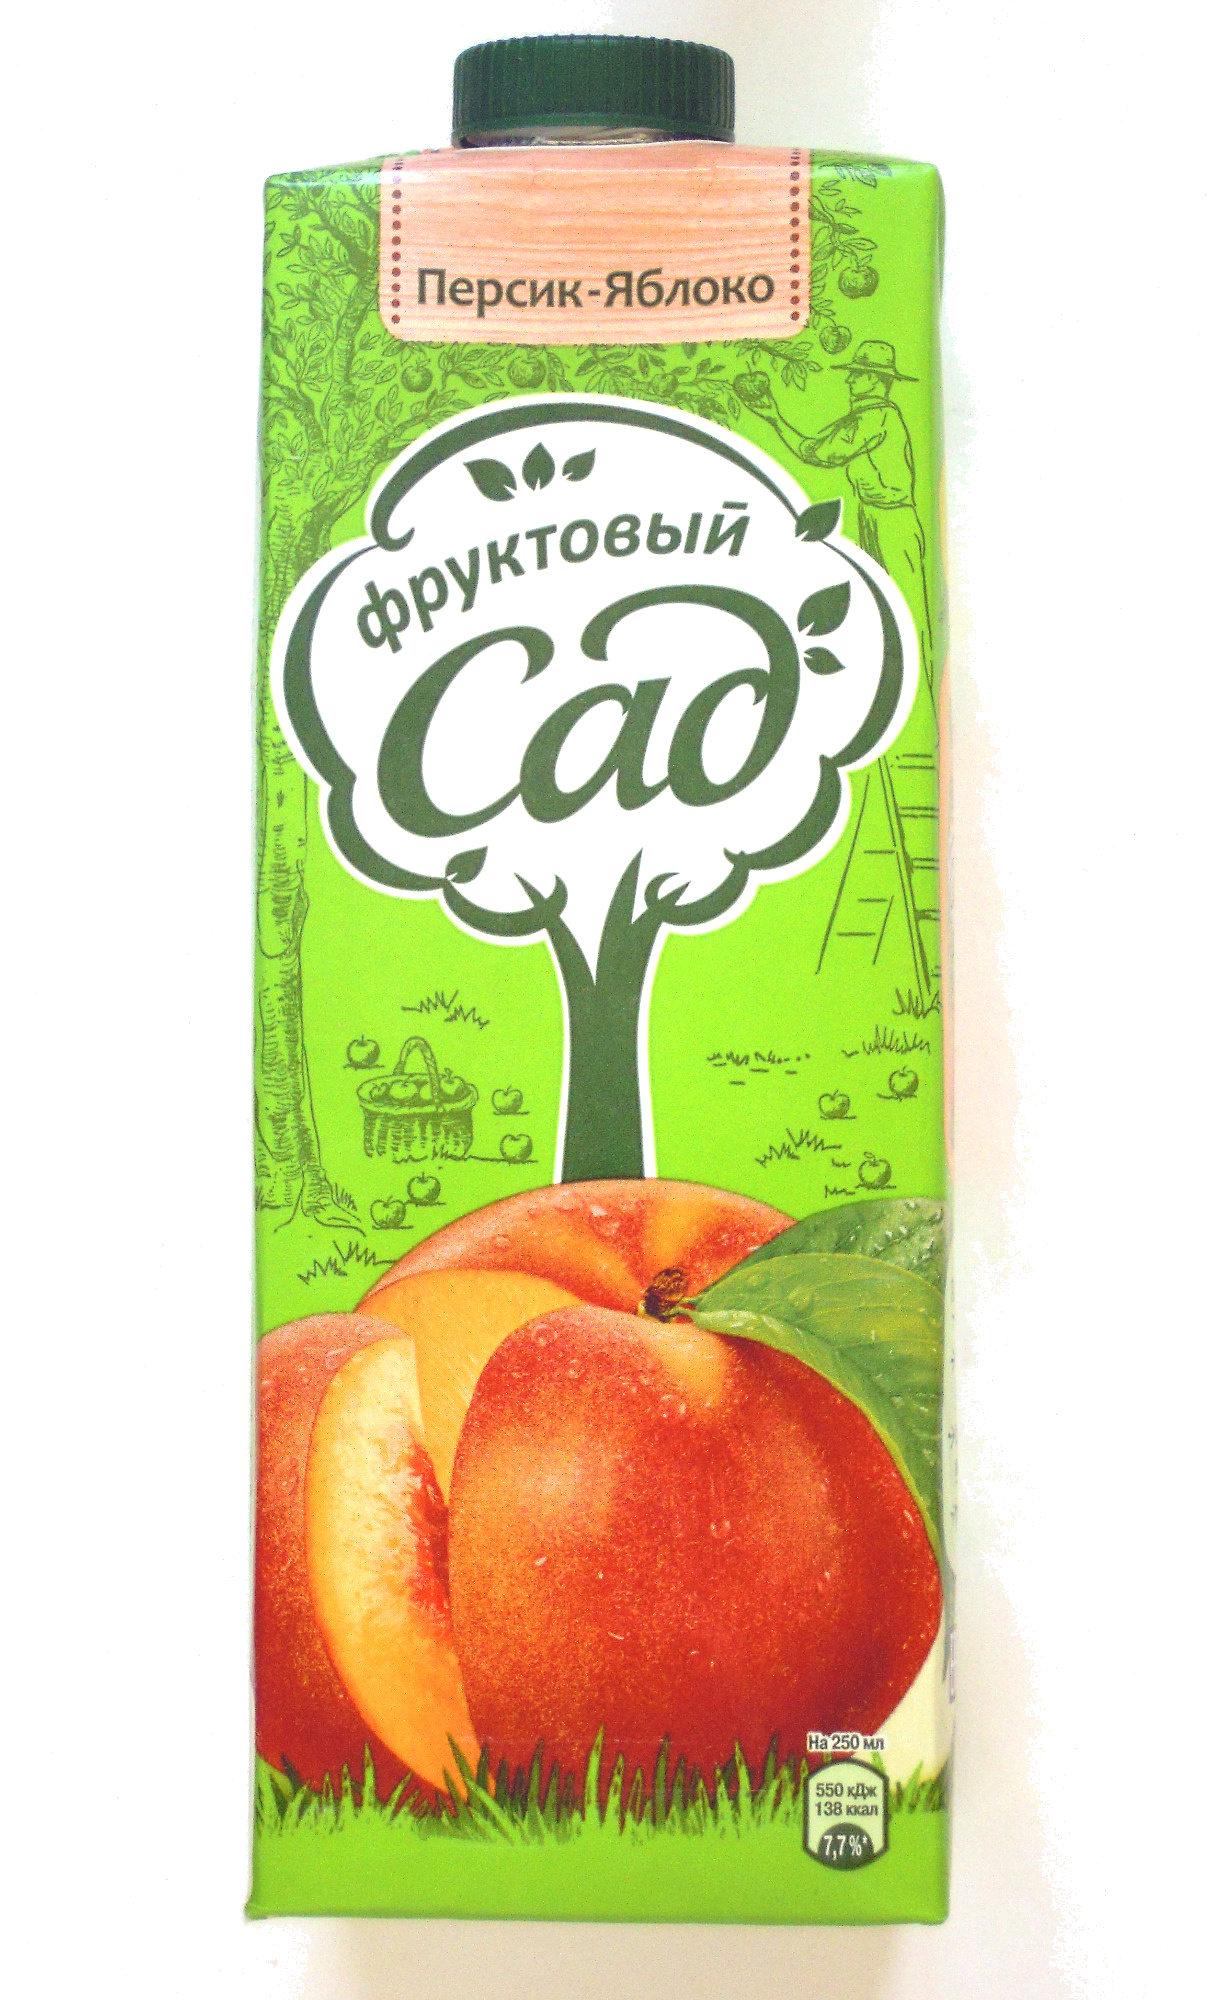 Персик-Яблоко - Product